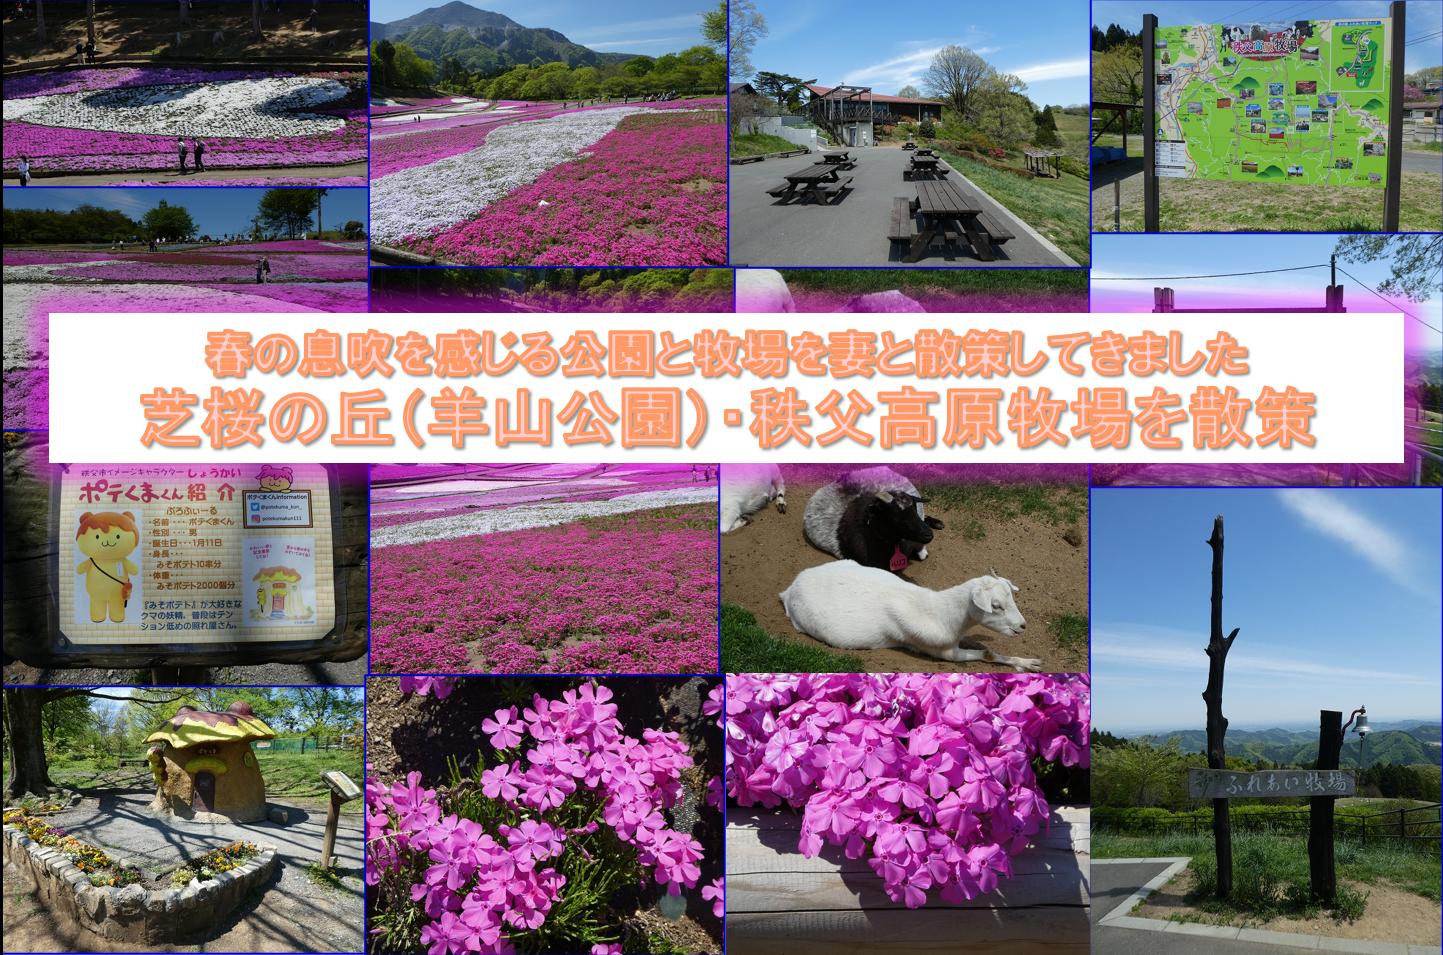 21_04_22_芝桜の丘(羊山公園)・秩父高原牧場散策_AA